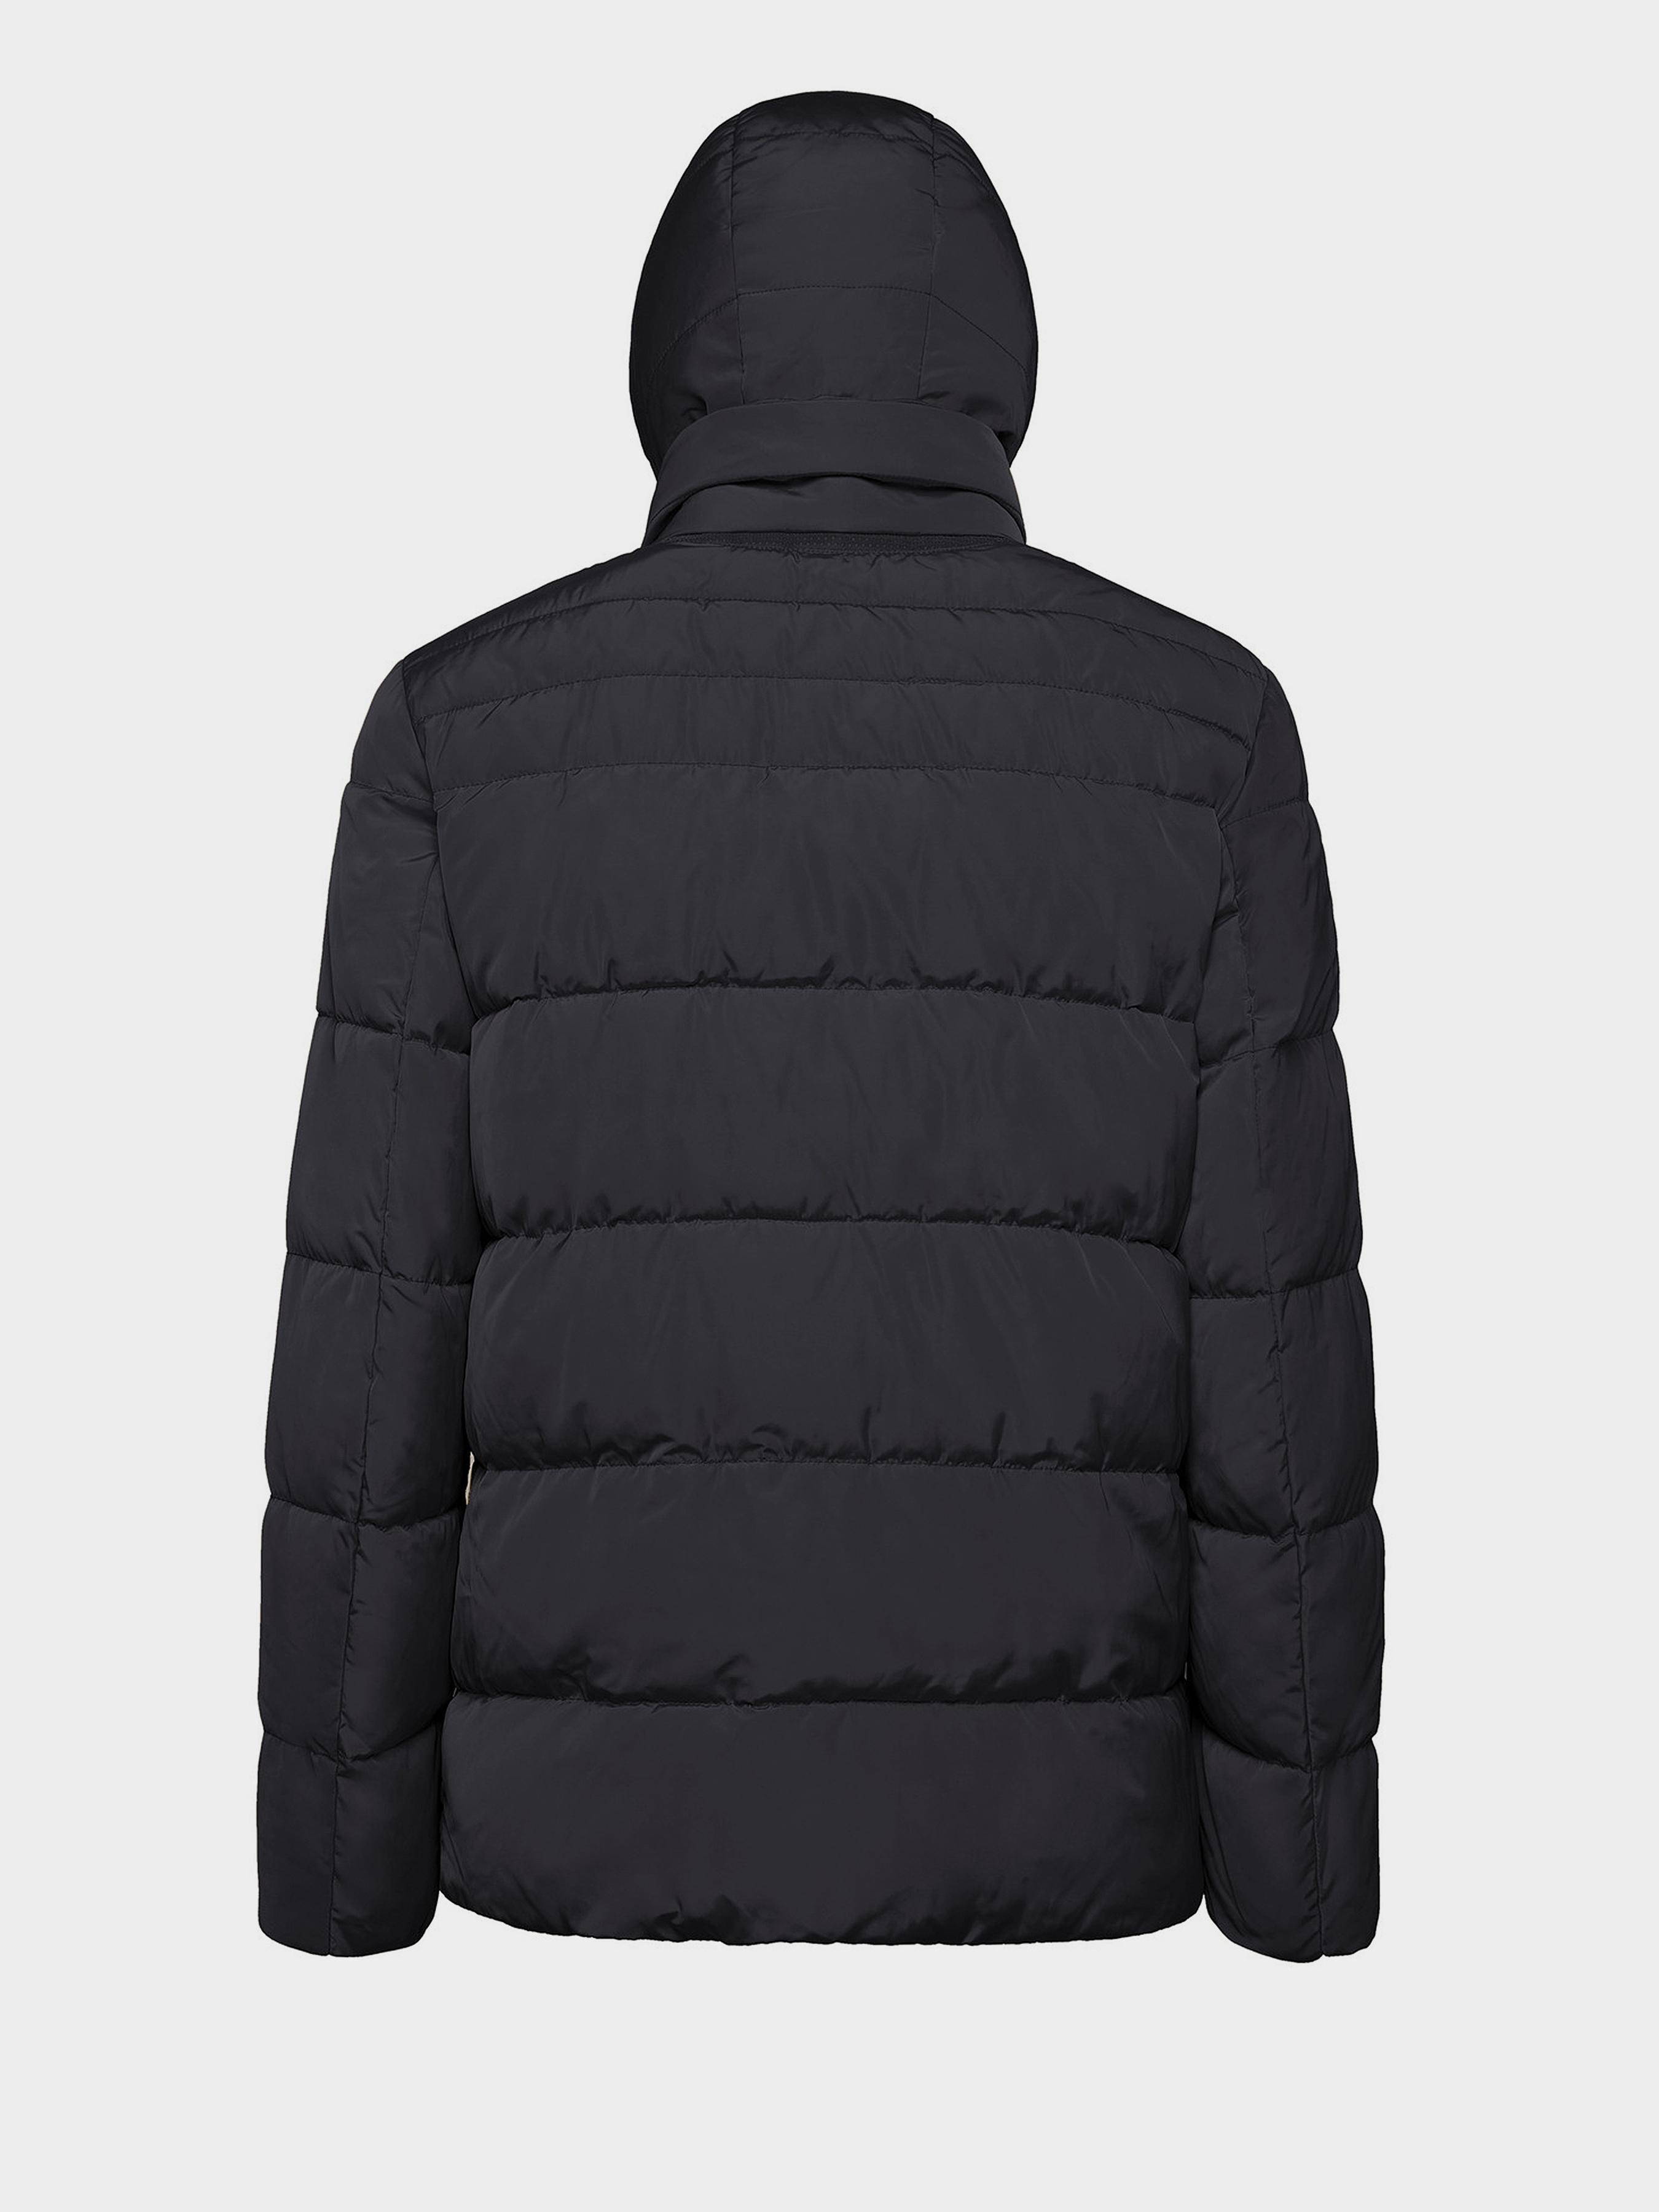 Куртка Geox Hilstone M0428C-T2666-F4386